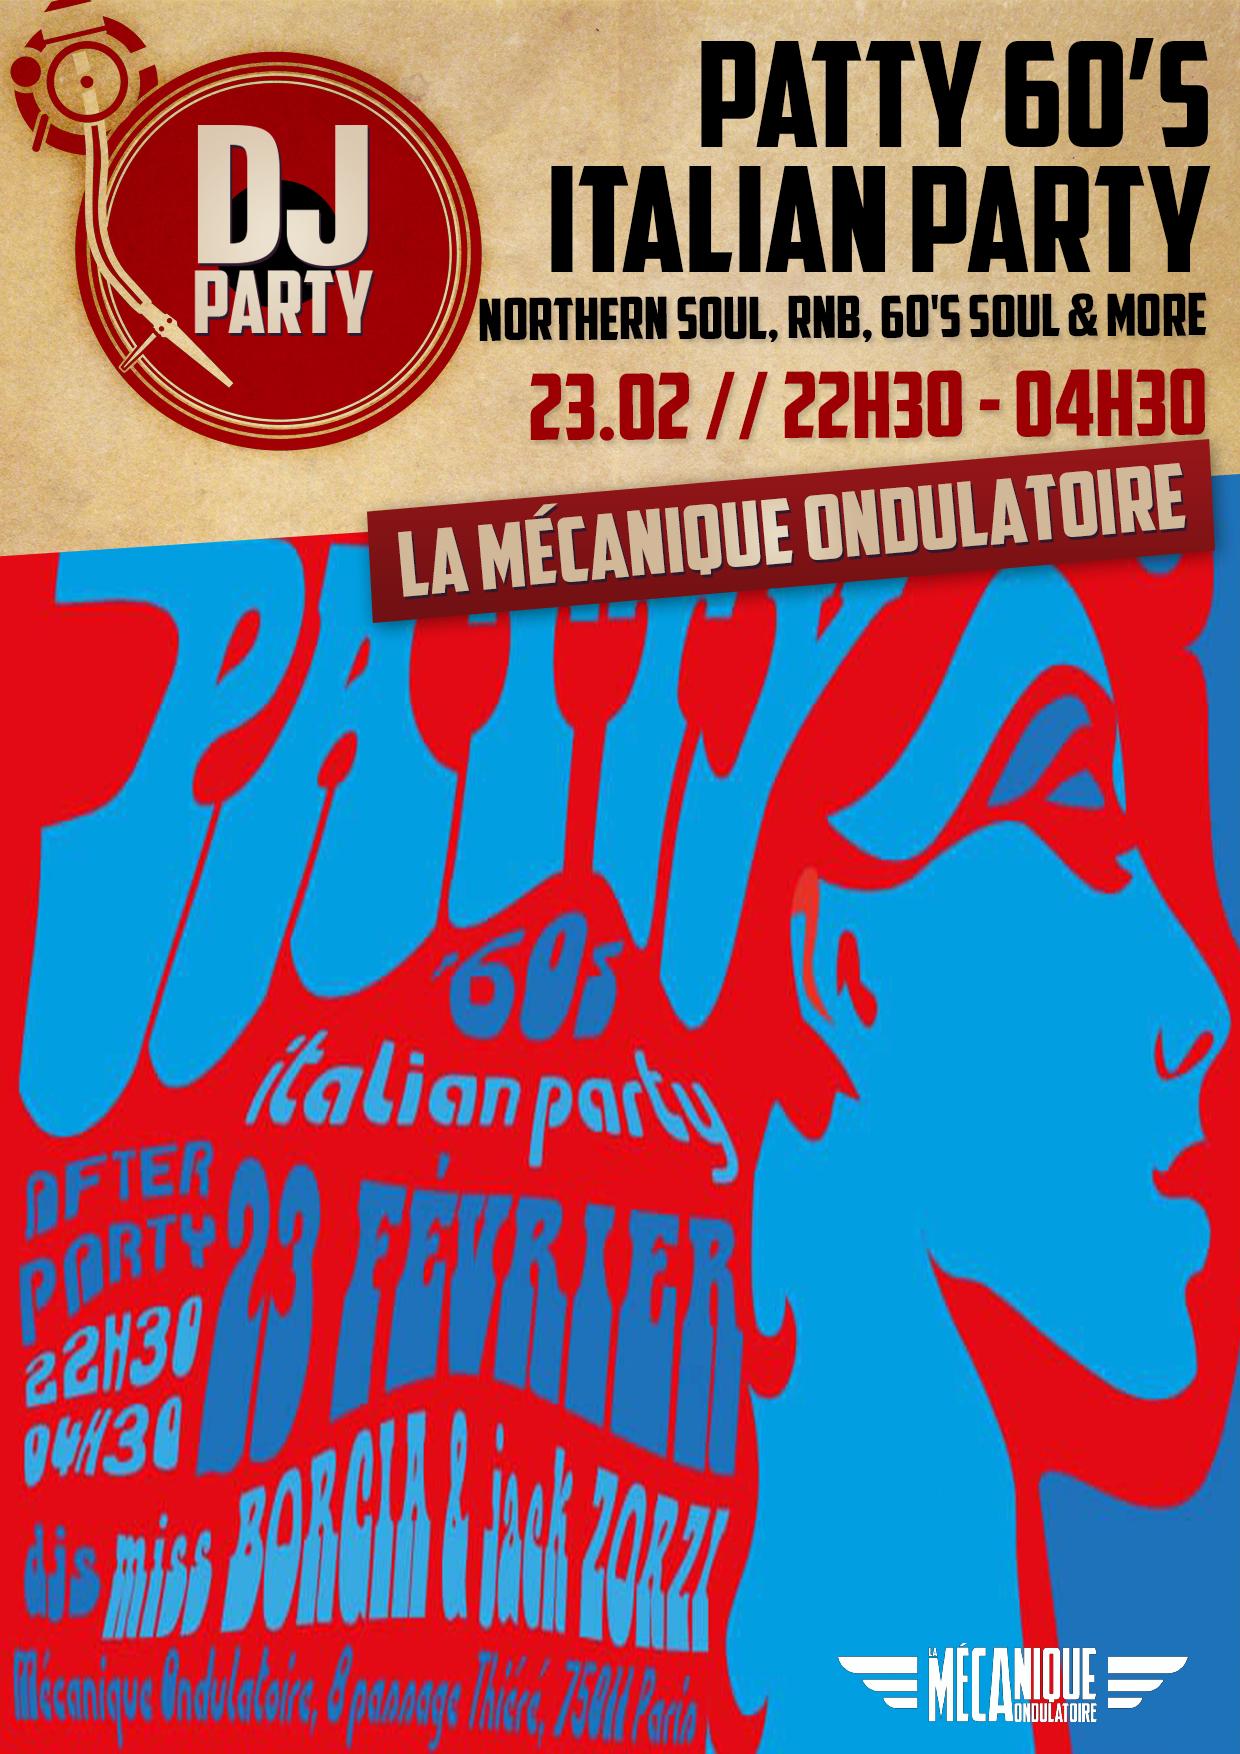 PATTY 60'S ITALIAN PARTY // 23.02